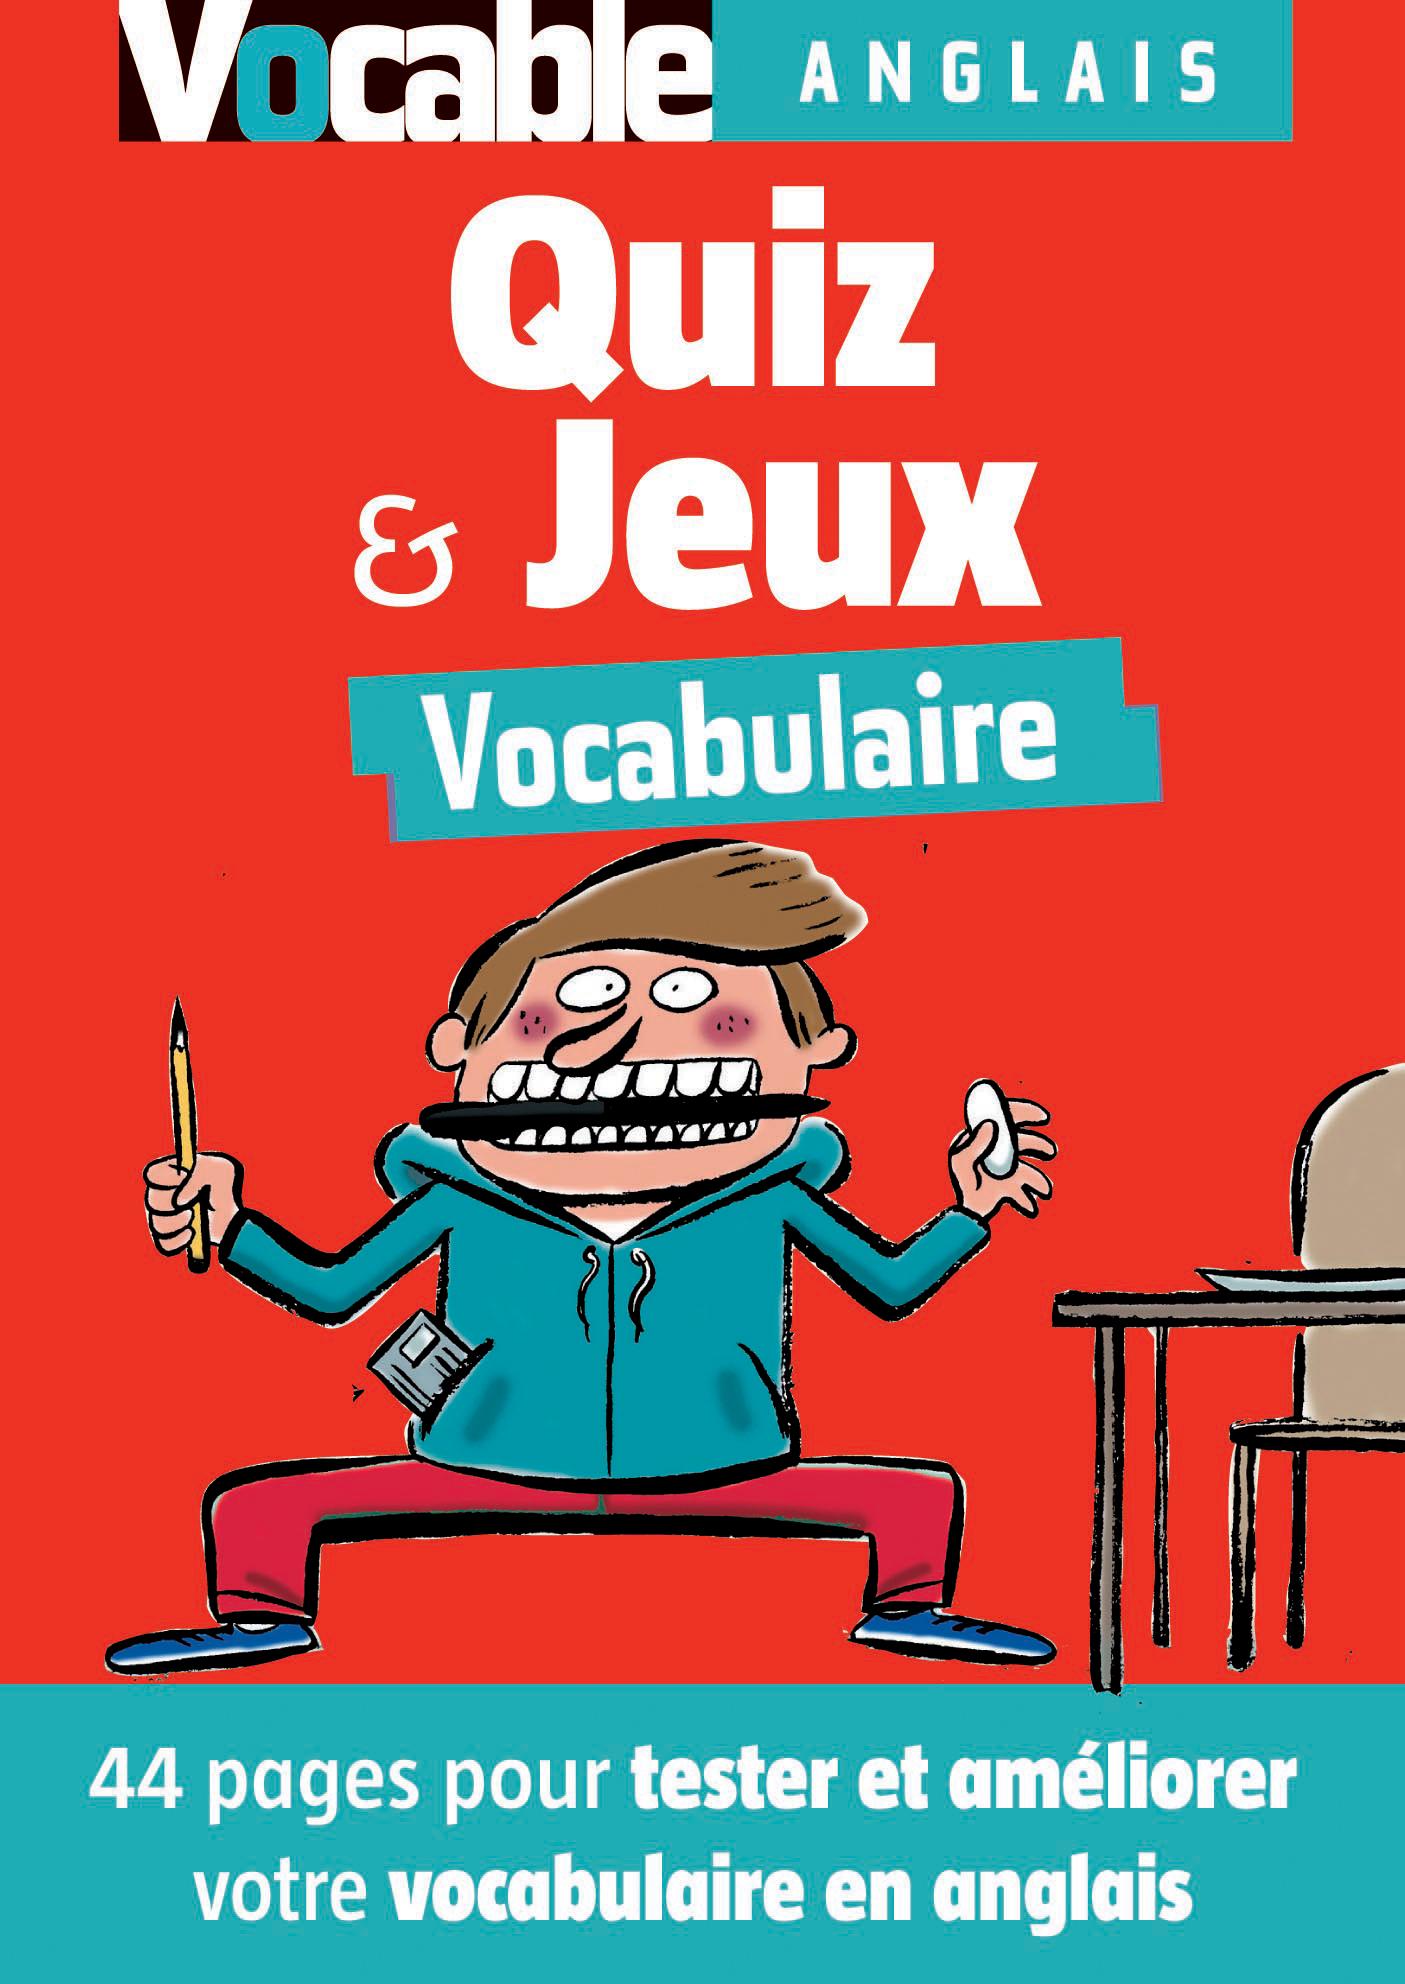 jeux vocabulaire anglais